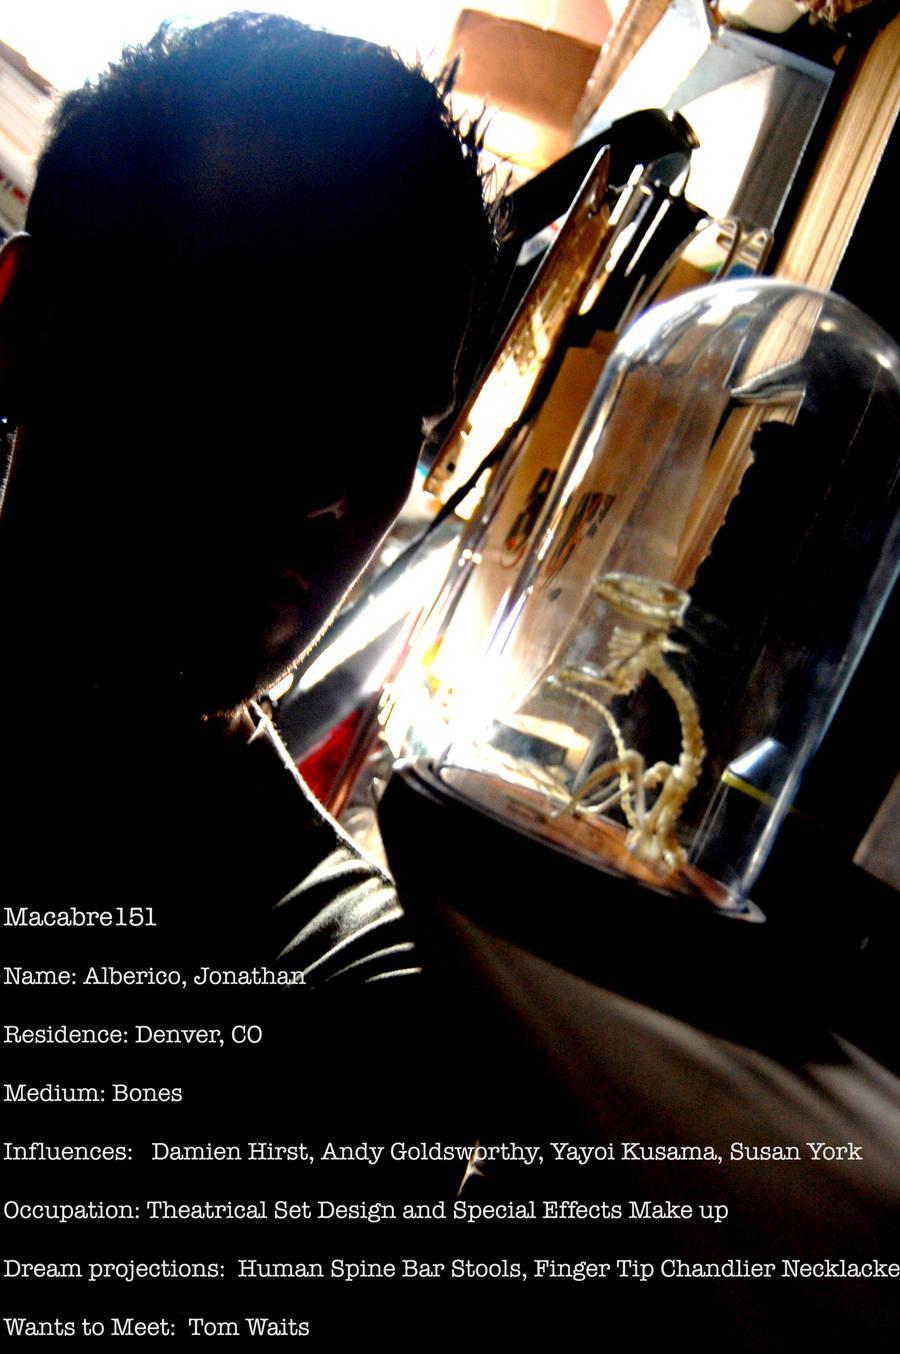 Macabre151's Profile Picture